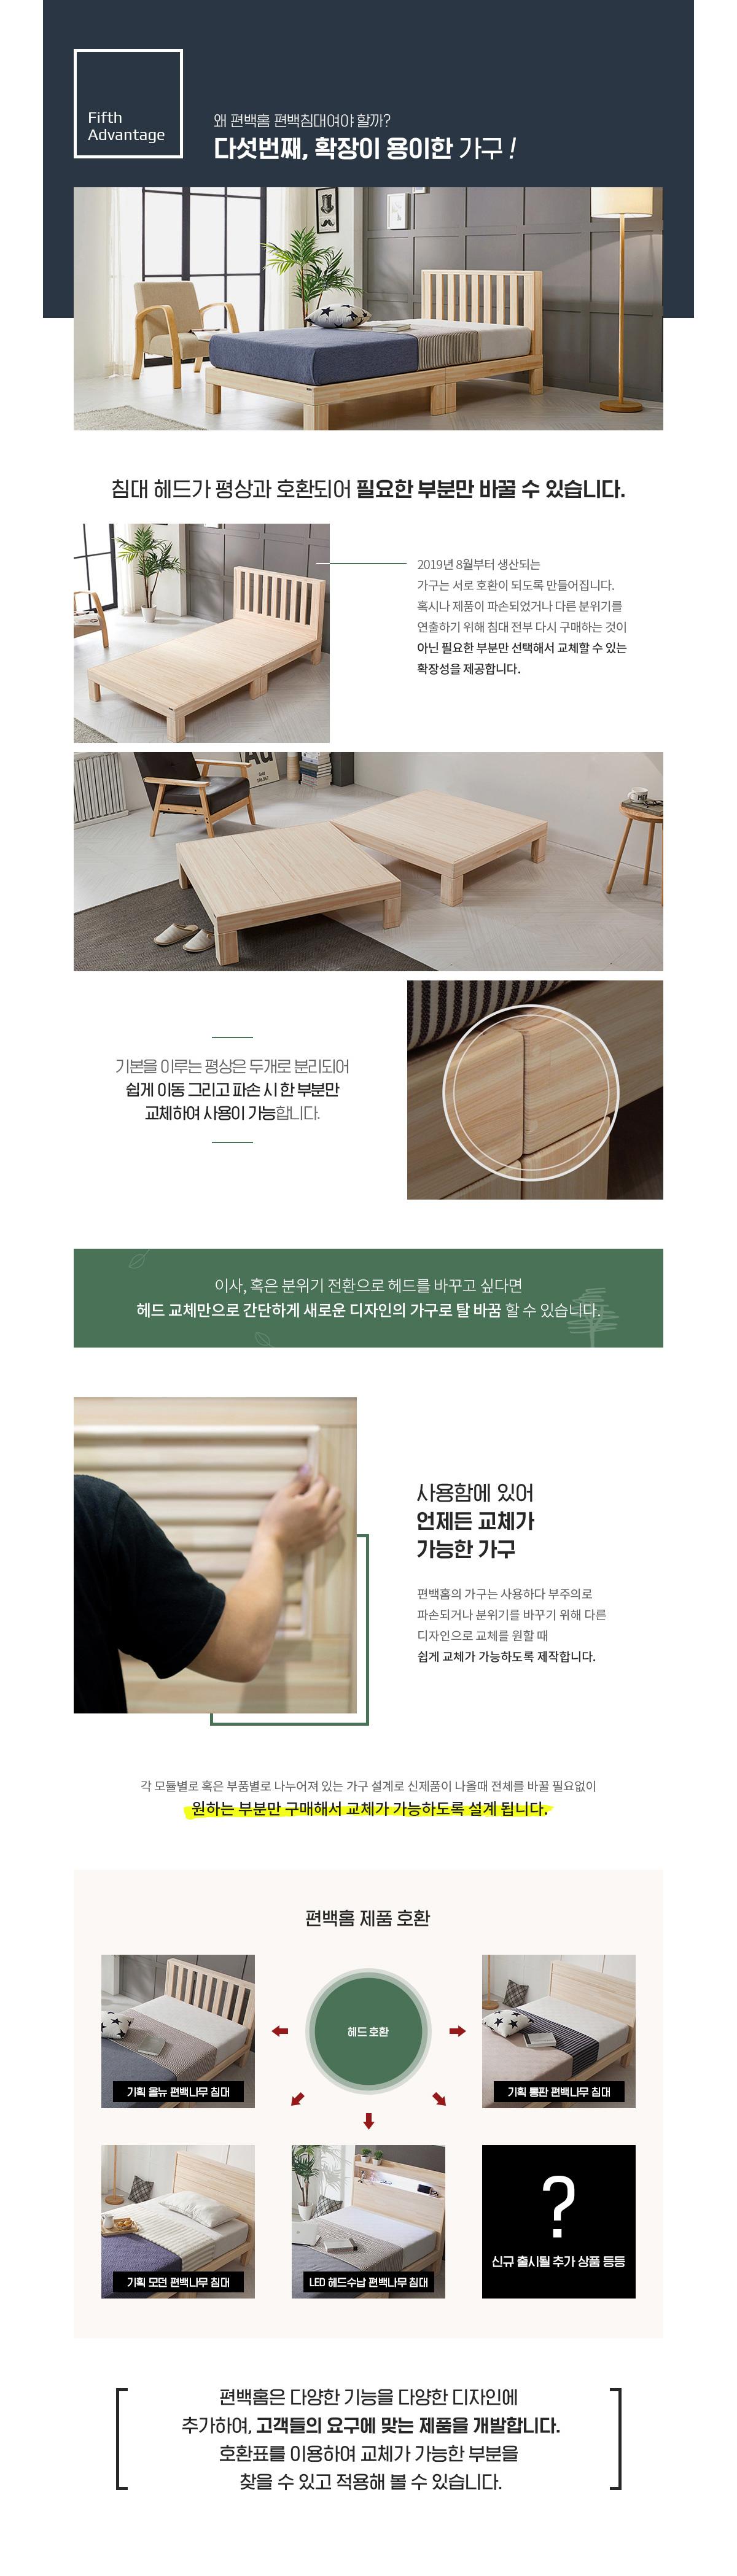 편백홈 제품 특징6